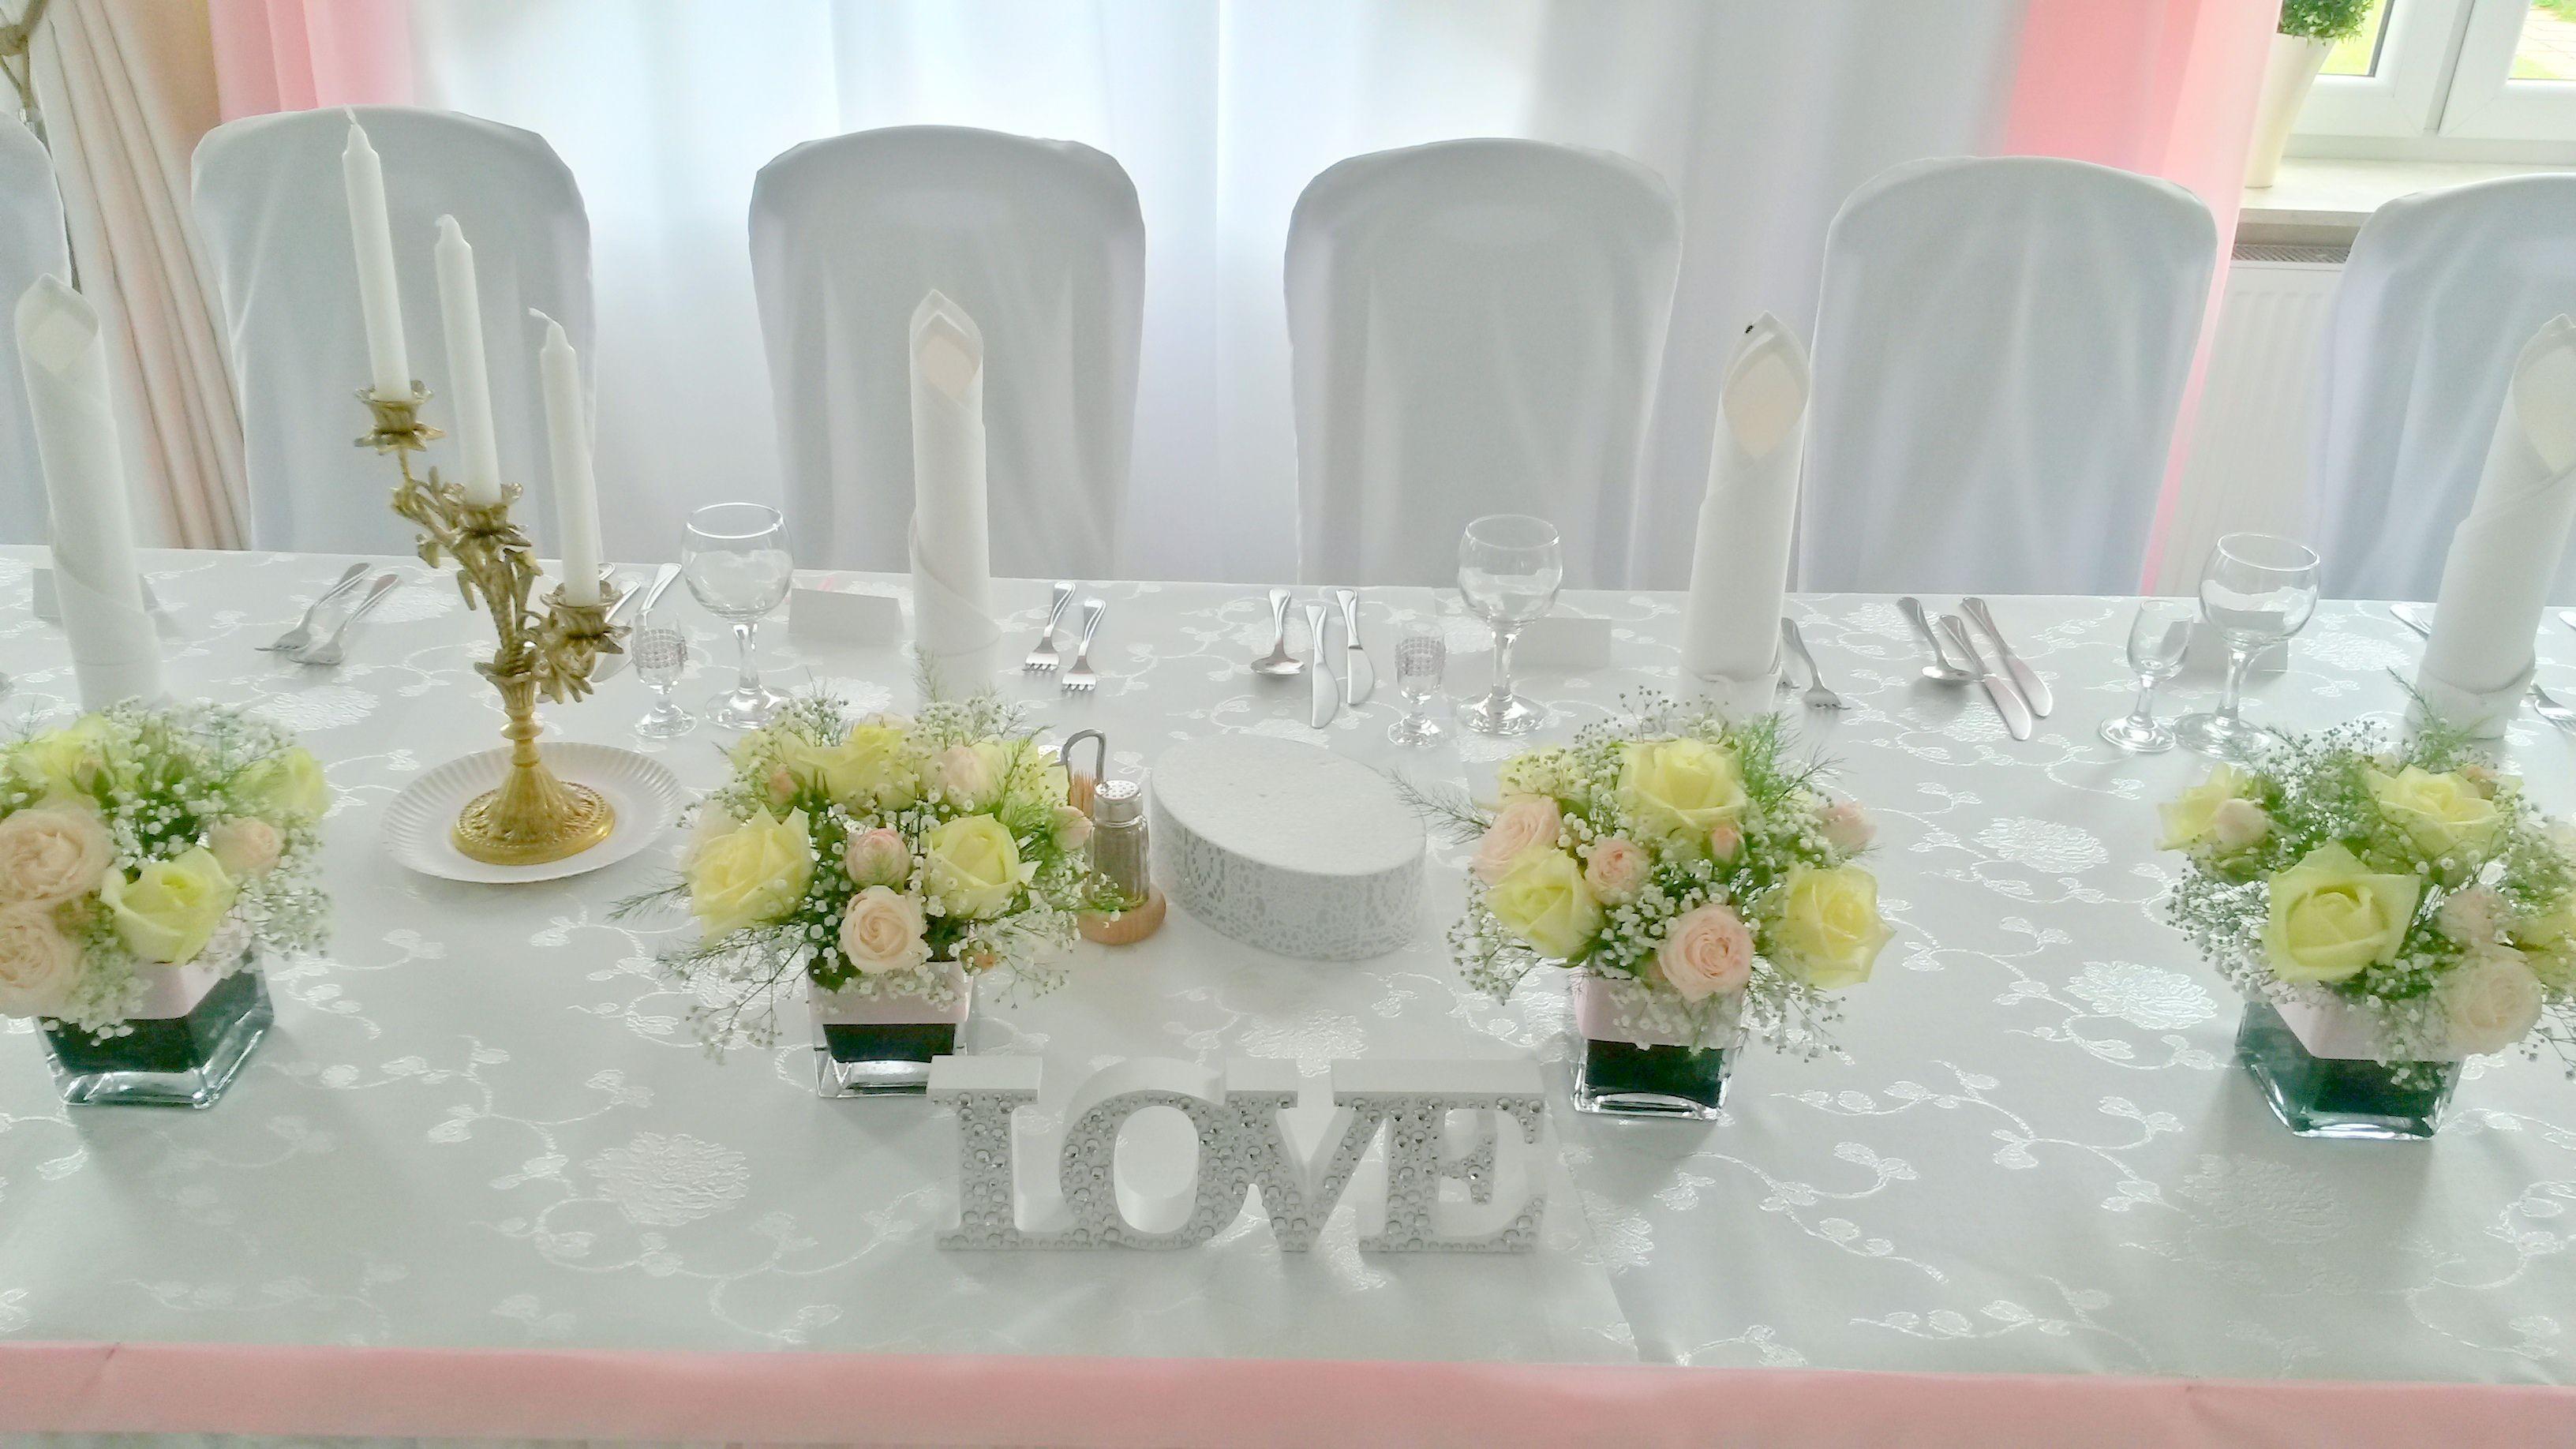 dekoracja stołu Młodej Pary Topaz-dekoracje Biała Podlaska